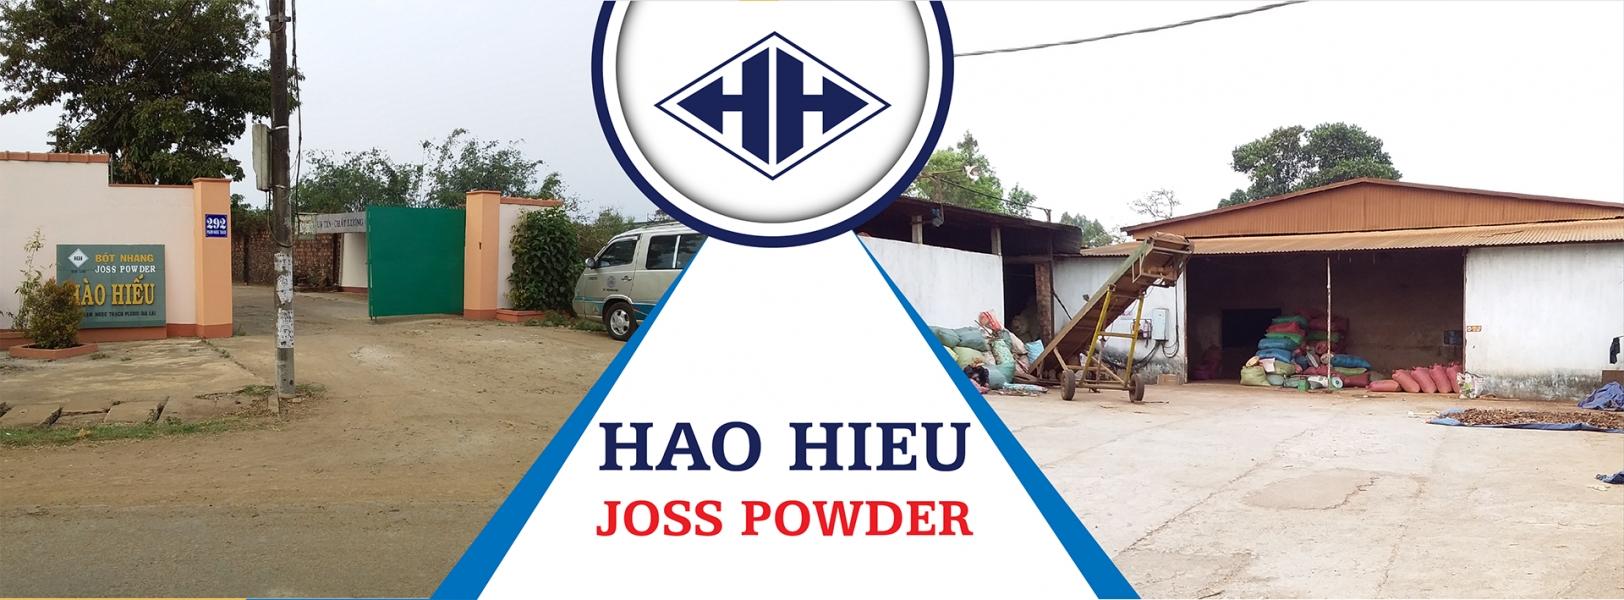 Nhà máy sản xuất bột nhang Hào Hiếu